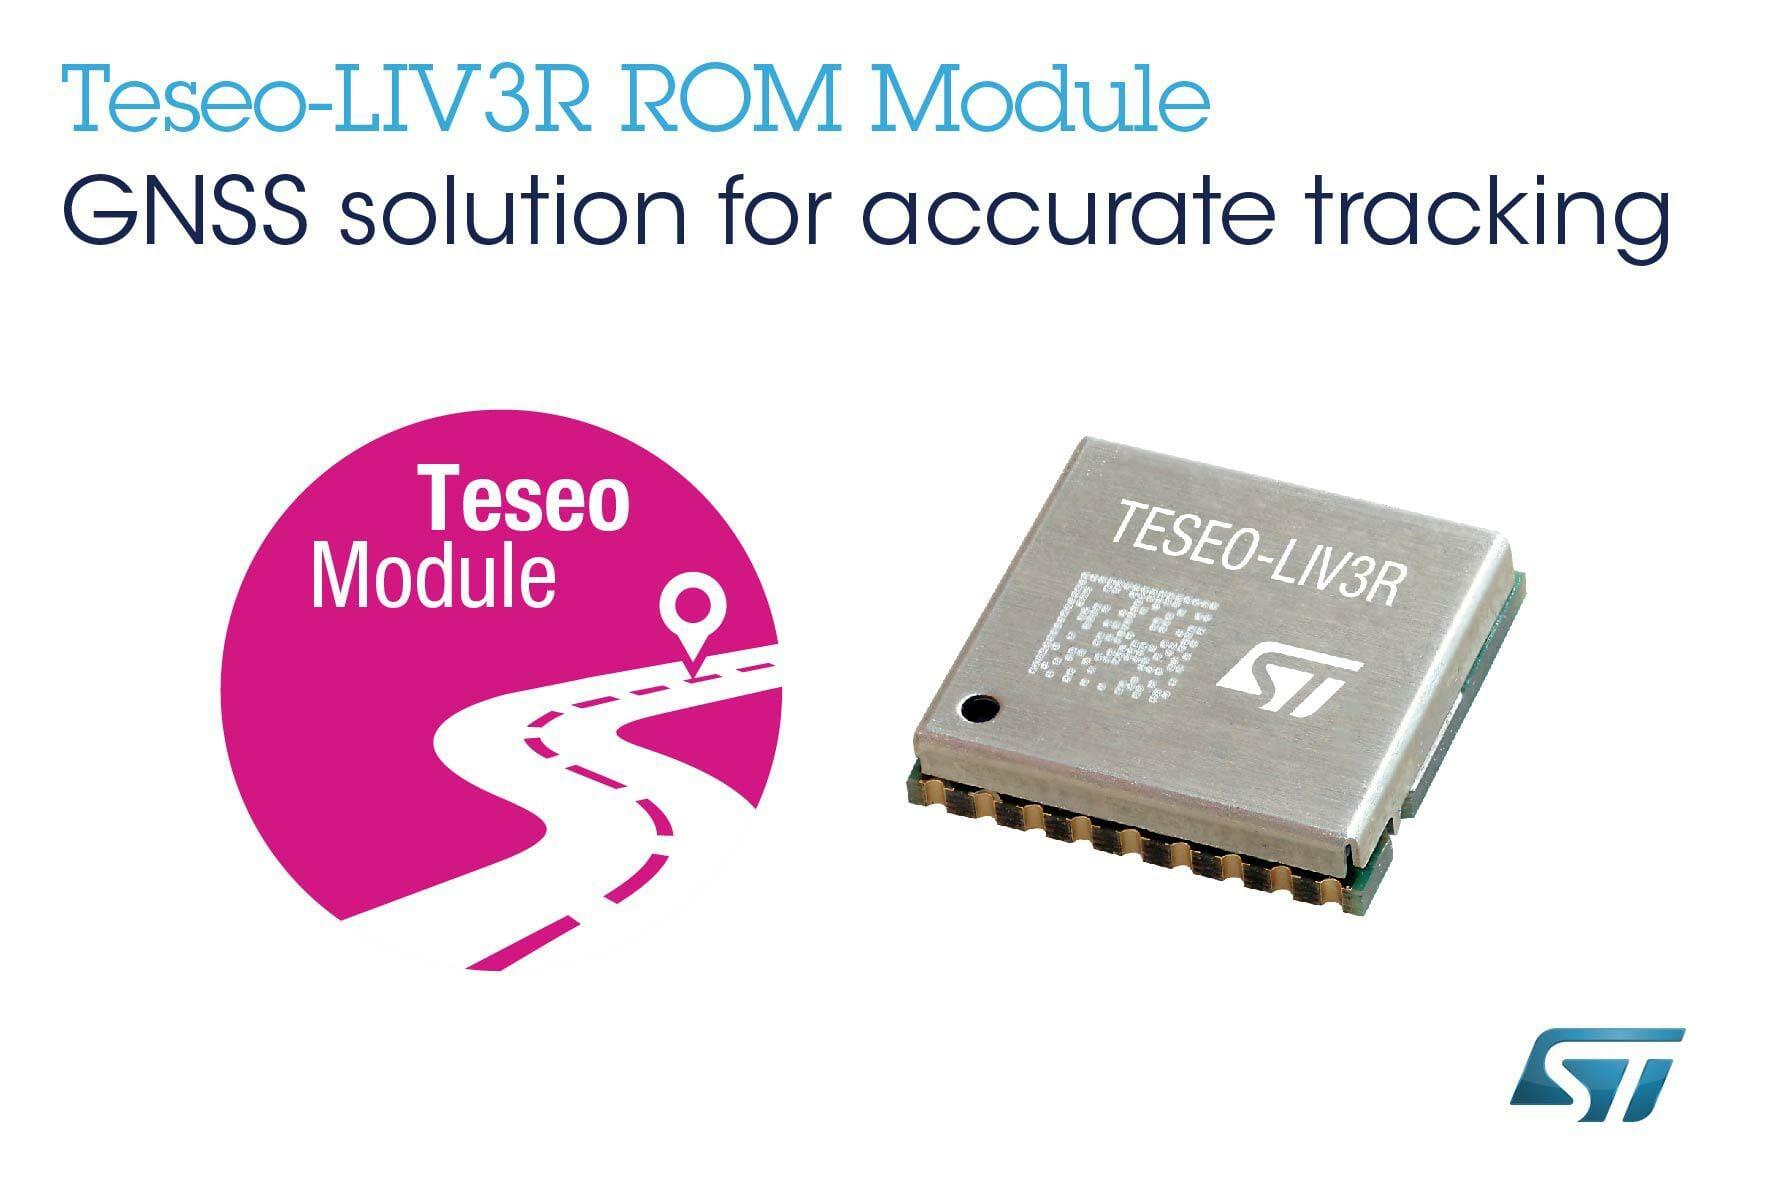 en.Teseo_LIV3R_GNSS_module_N4151A_big